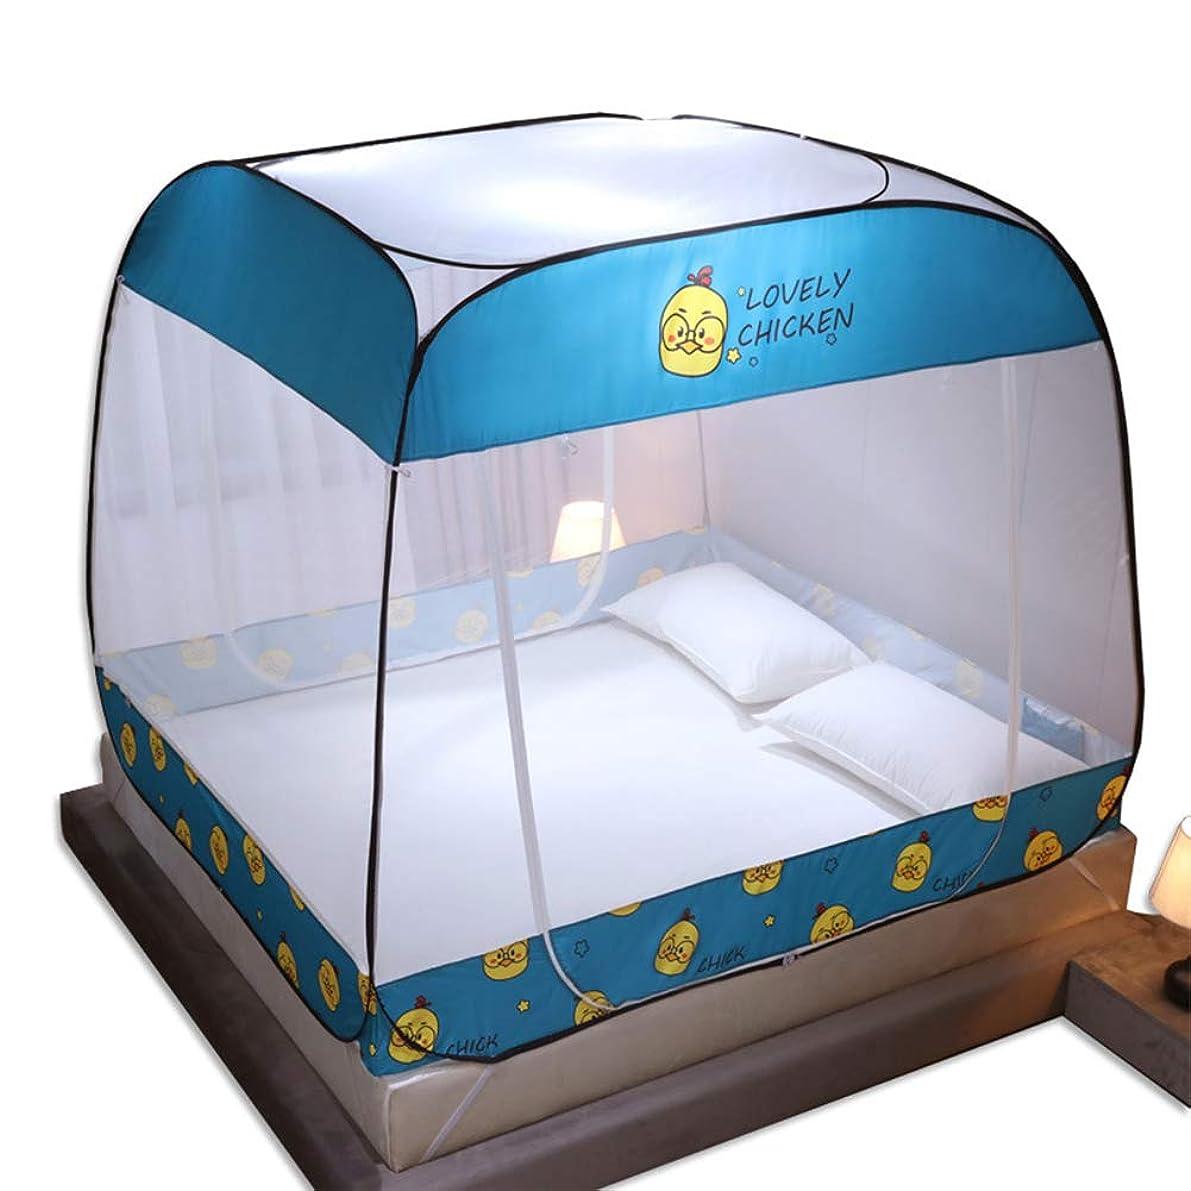 伝説驚くべき出発するダブルベッド用ポップアップ蚊帳、超大型ポータブルテント旅行三門ベッドネット、簡単なインストール、細かいメッシュ、寝室の屋外キャンプ用、フックなし化学物質,1.5X2.0M